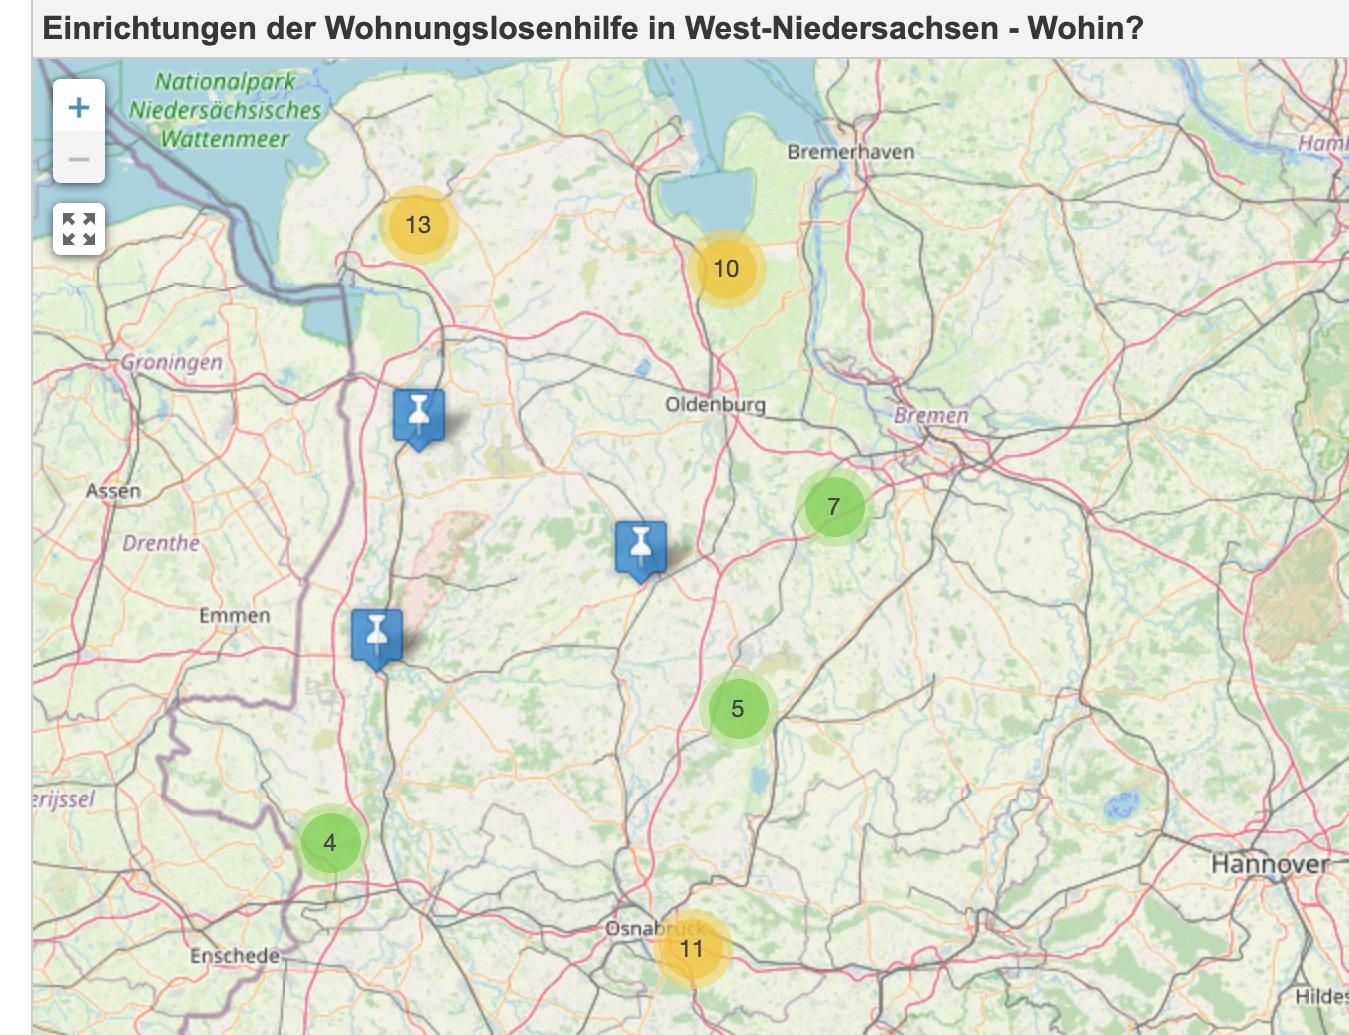 Einrichtungen der Wohnungslosenhilfe in West-Niedersachsen